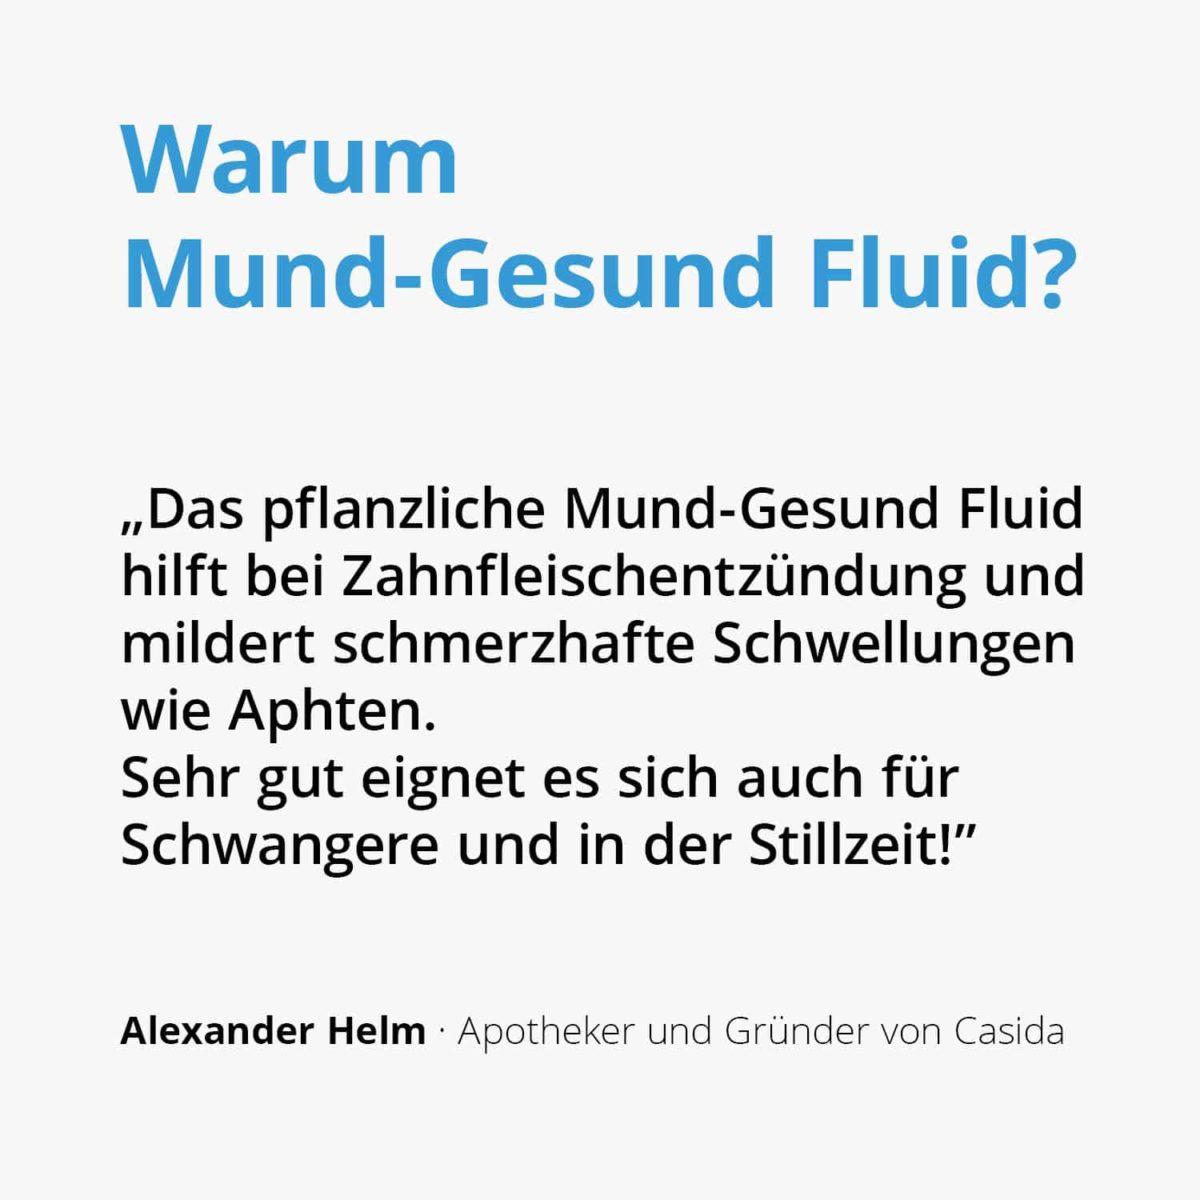 Casida Mund-Gesund Fluid Repair & Protect 10 ml 10086681 PZN Apotheke Zahnfleischentzündung2